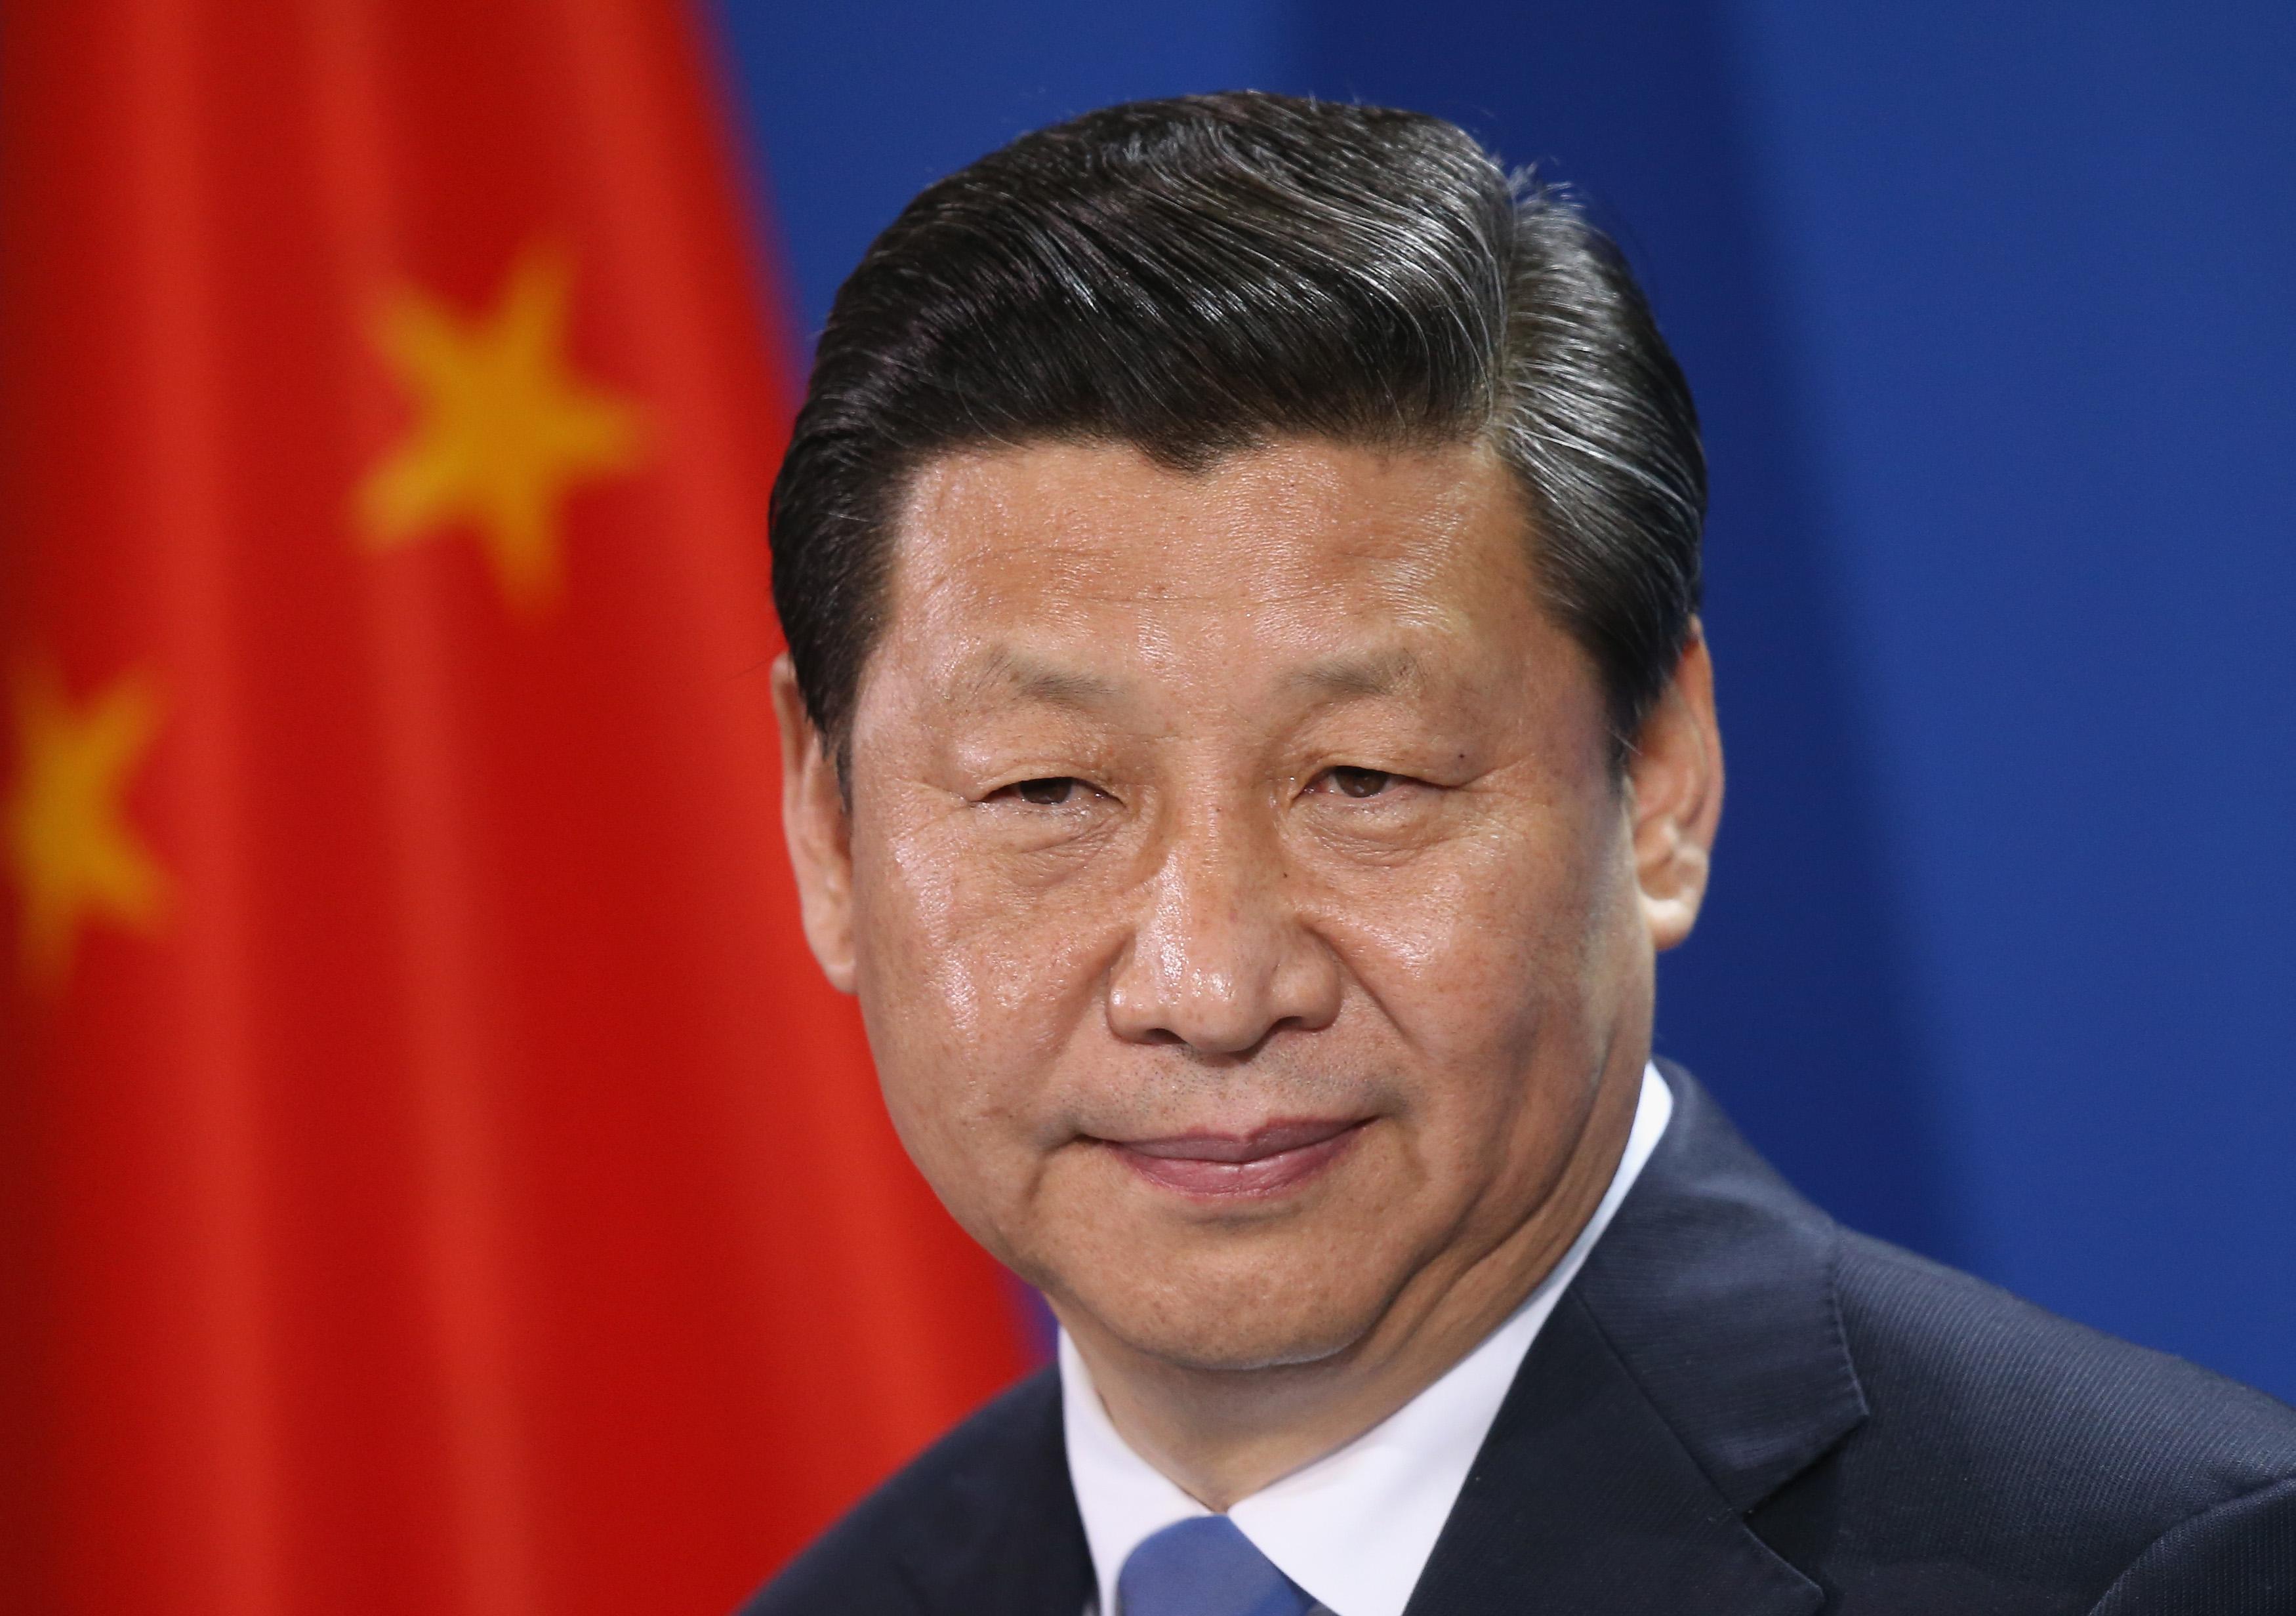 ألغى الحزب الشيوعي الصيني الحاكم حد الفترتين على مدة الرئاسة (Getty)